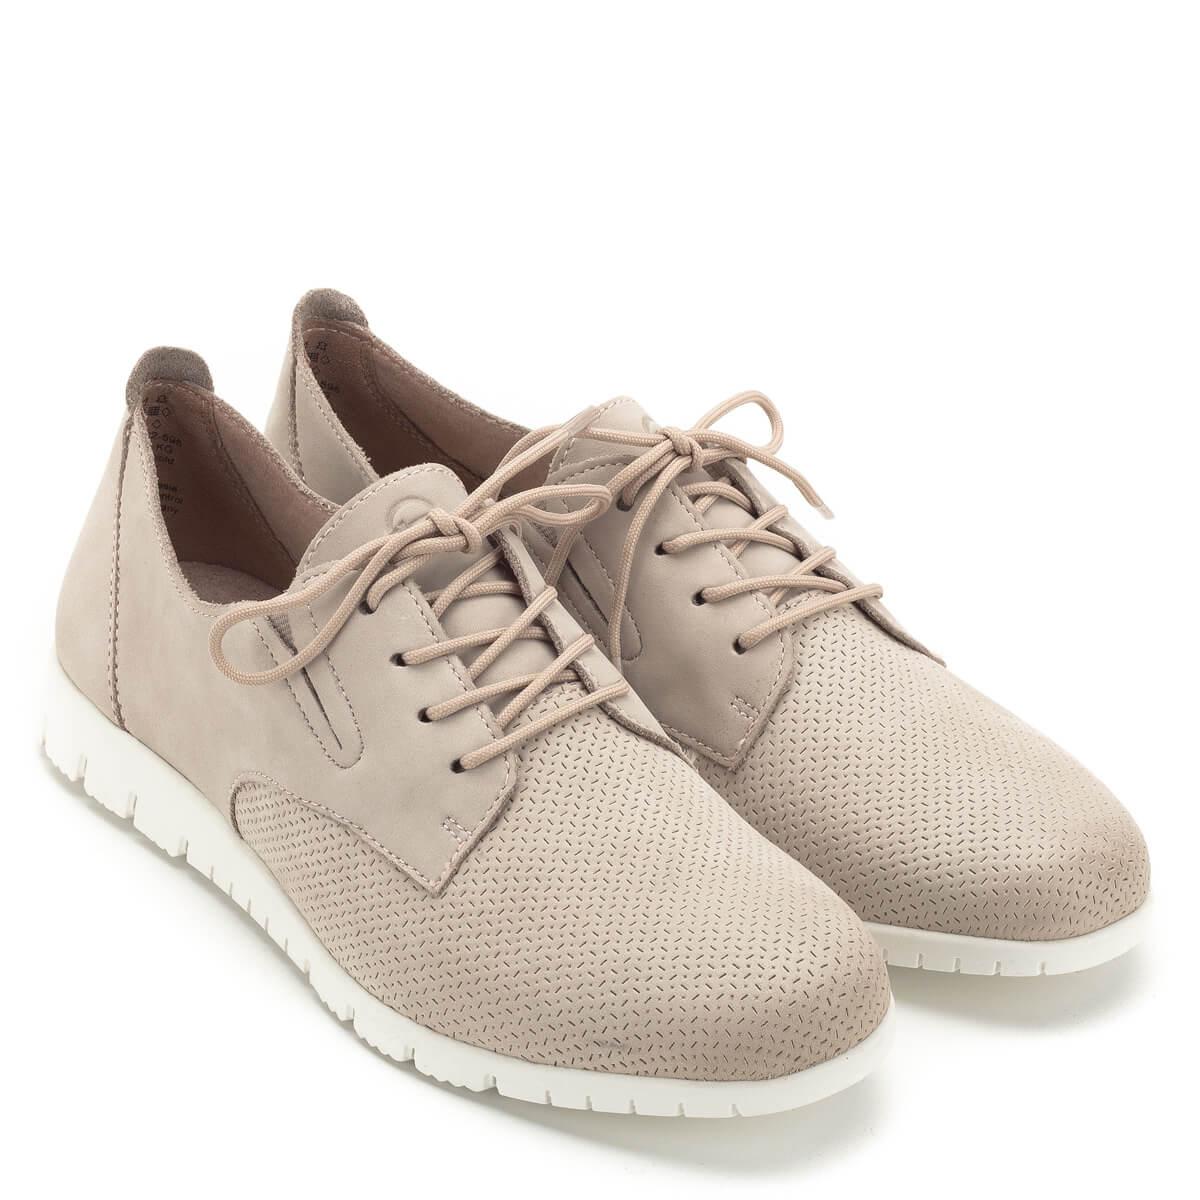 b0d7892d14c8 Tamaris cipő púder rózsaszín színben, kivehető talpbéléssel. A cipő nagyon  puha nubuk bőrből készült ...